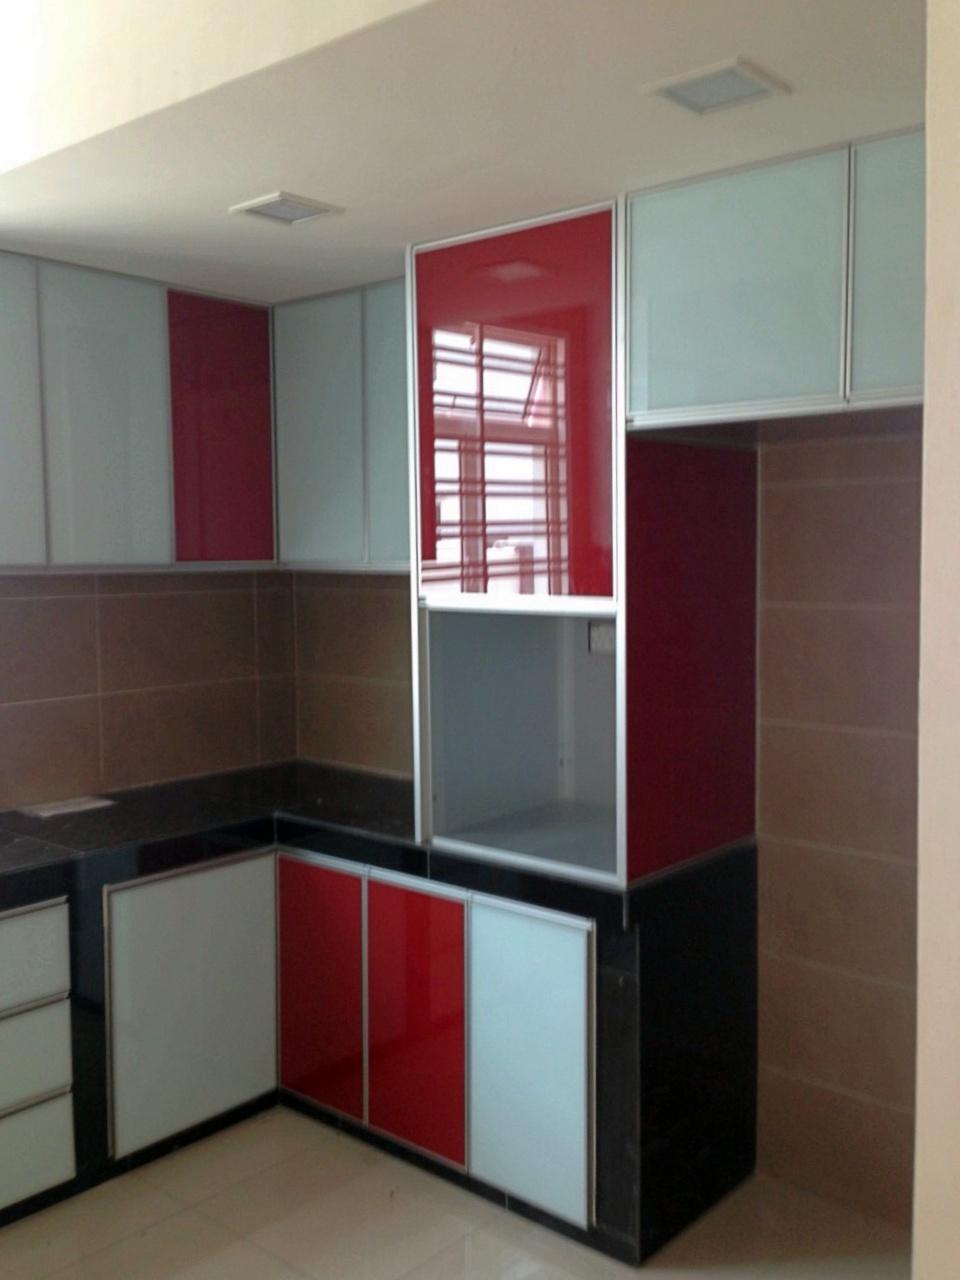 cks renovation amp construction aluminium kitchen cabinet best 25 ikea cabinets ideas on pinterest ikea kitchen